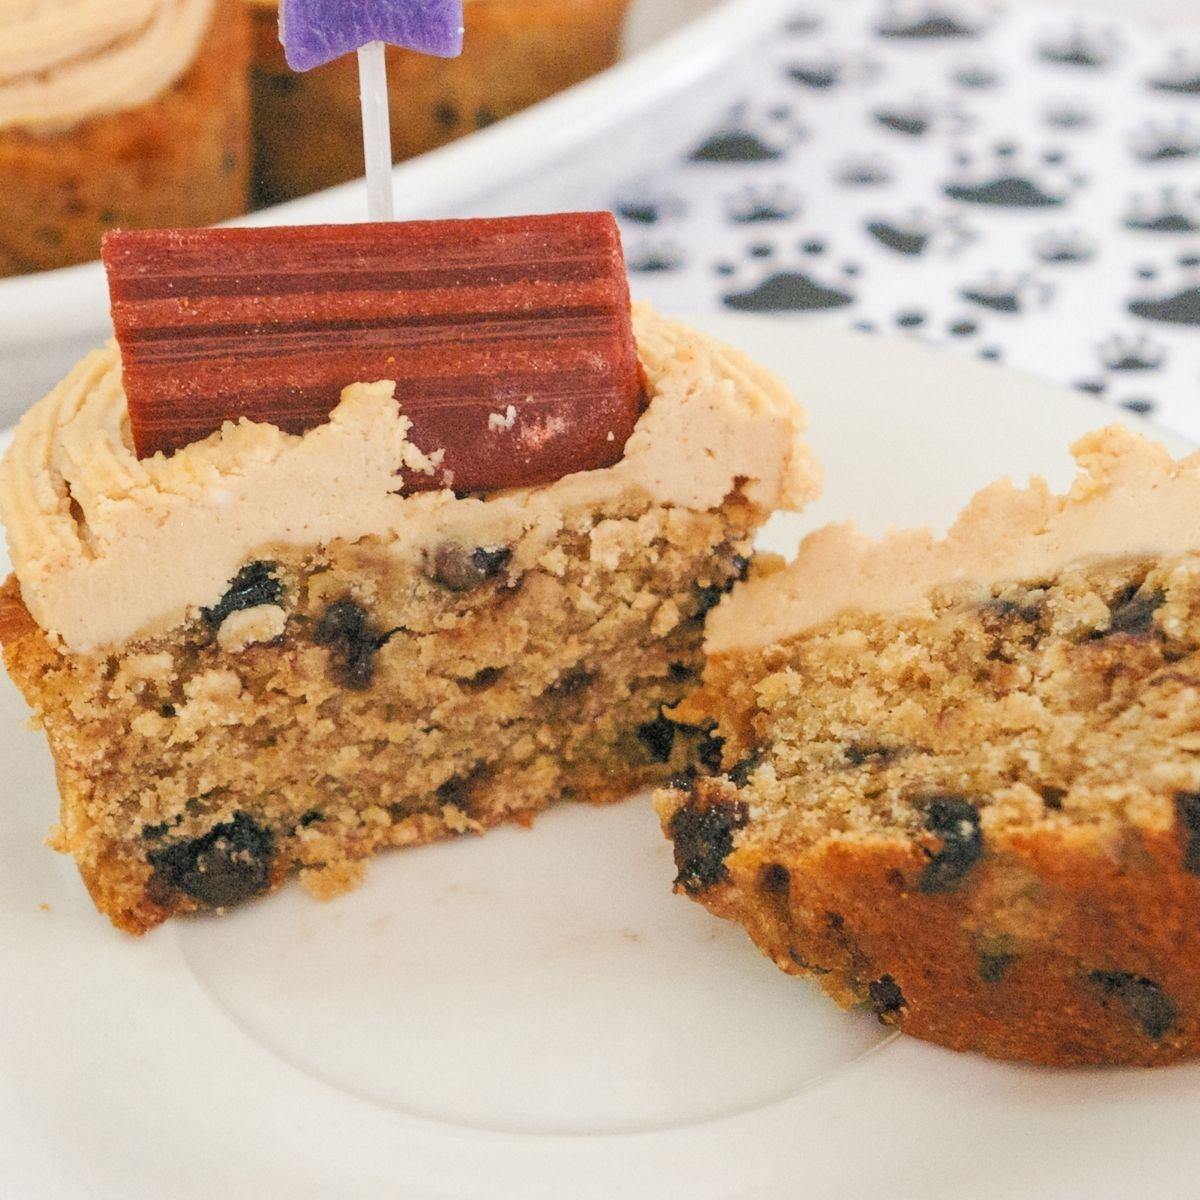 Peanut butter and banana pupcake cupcakes